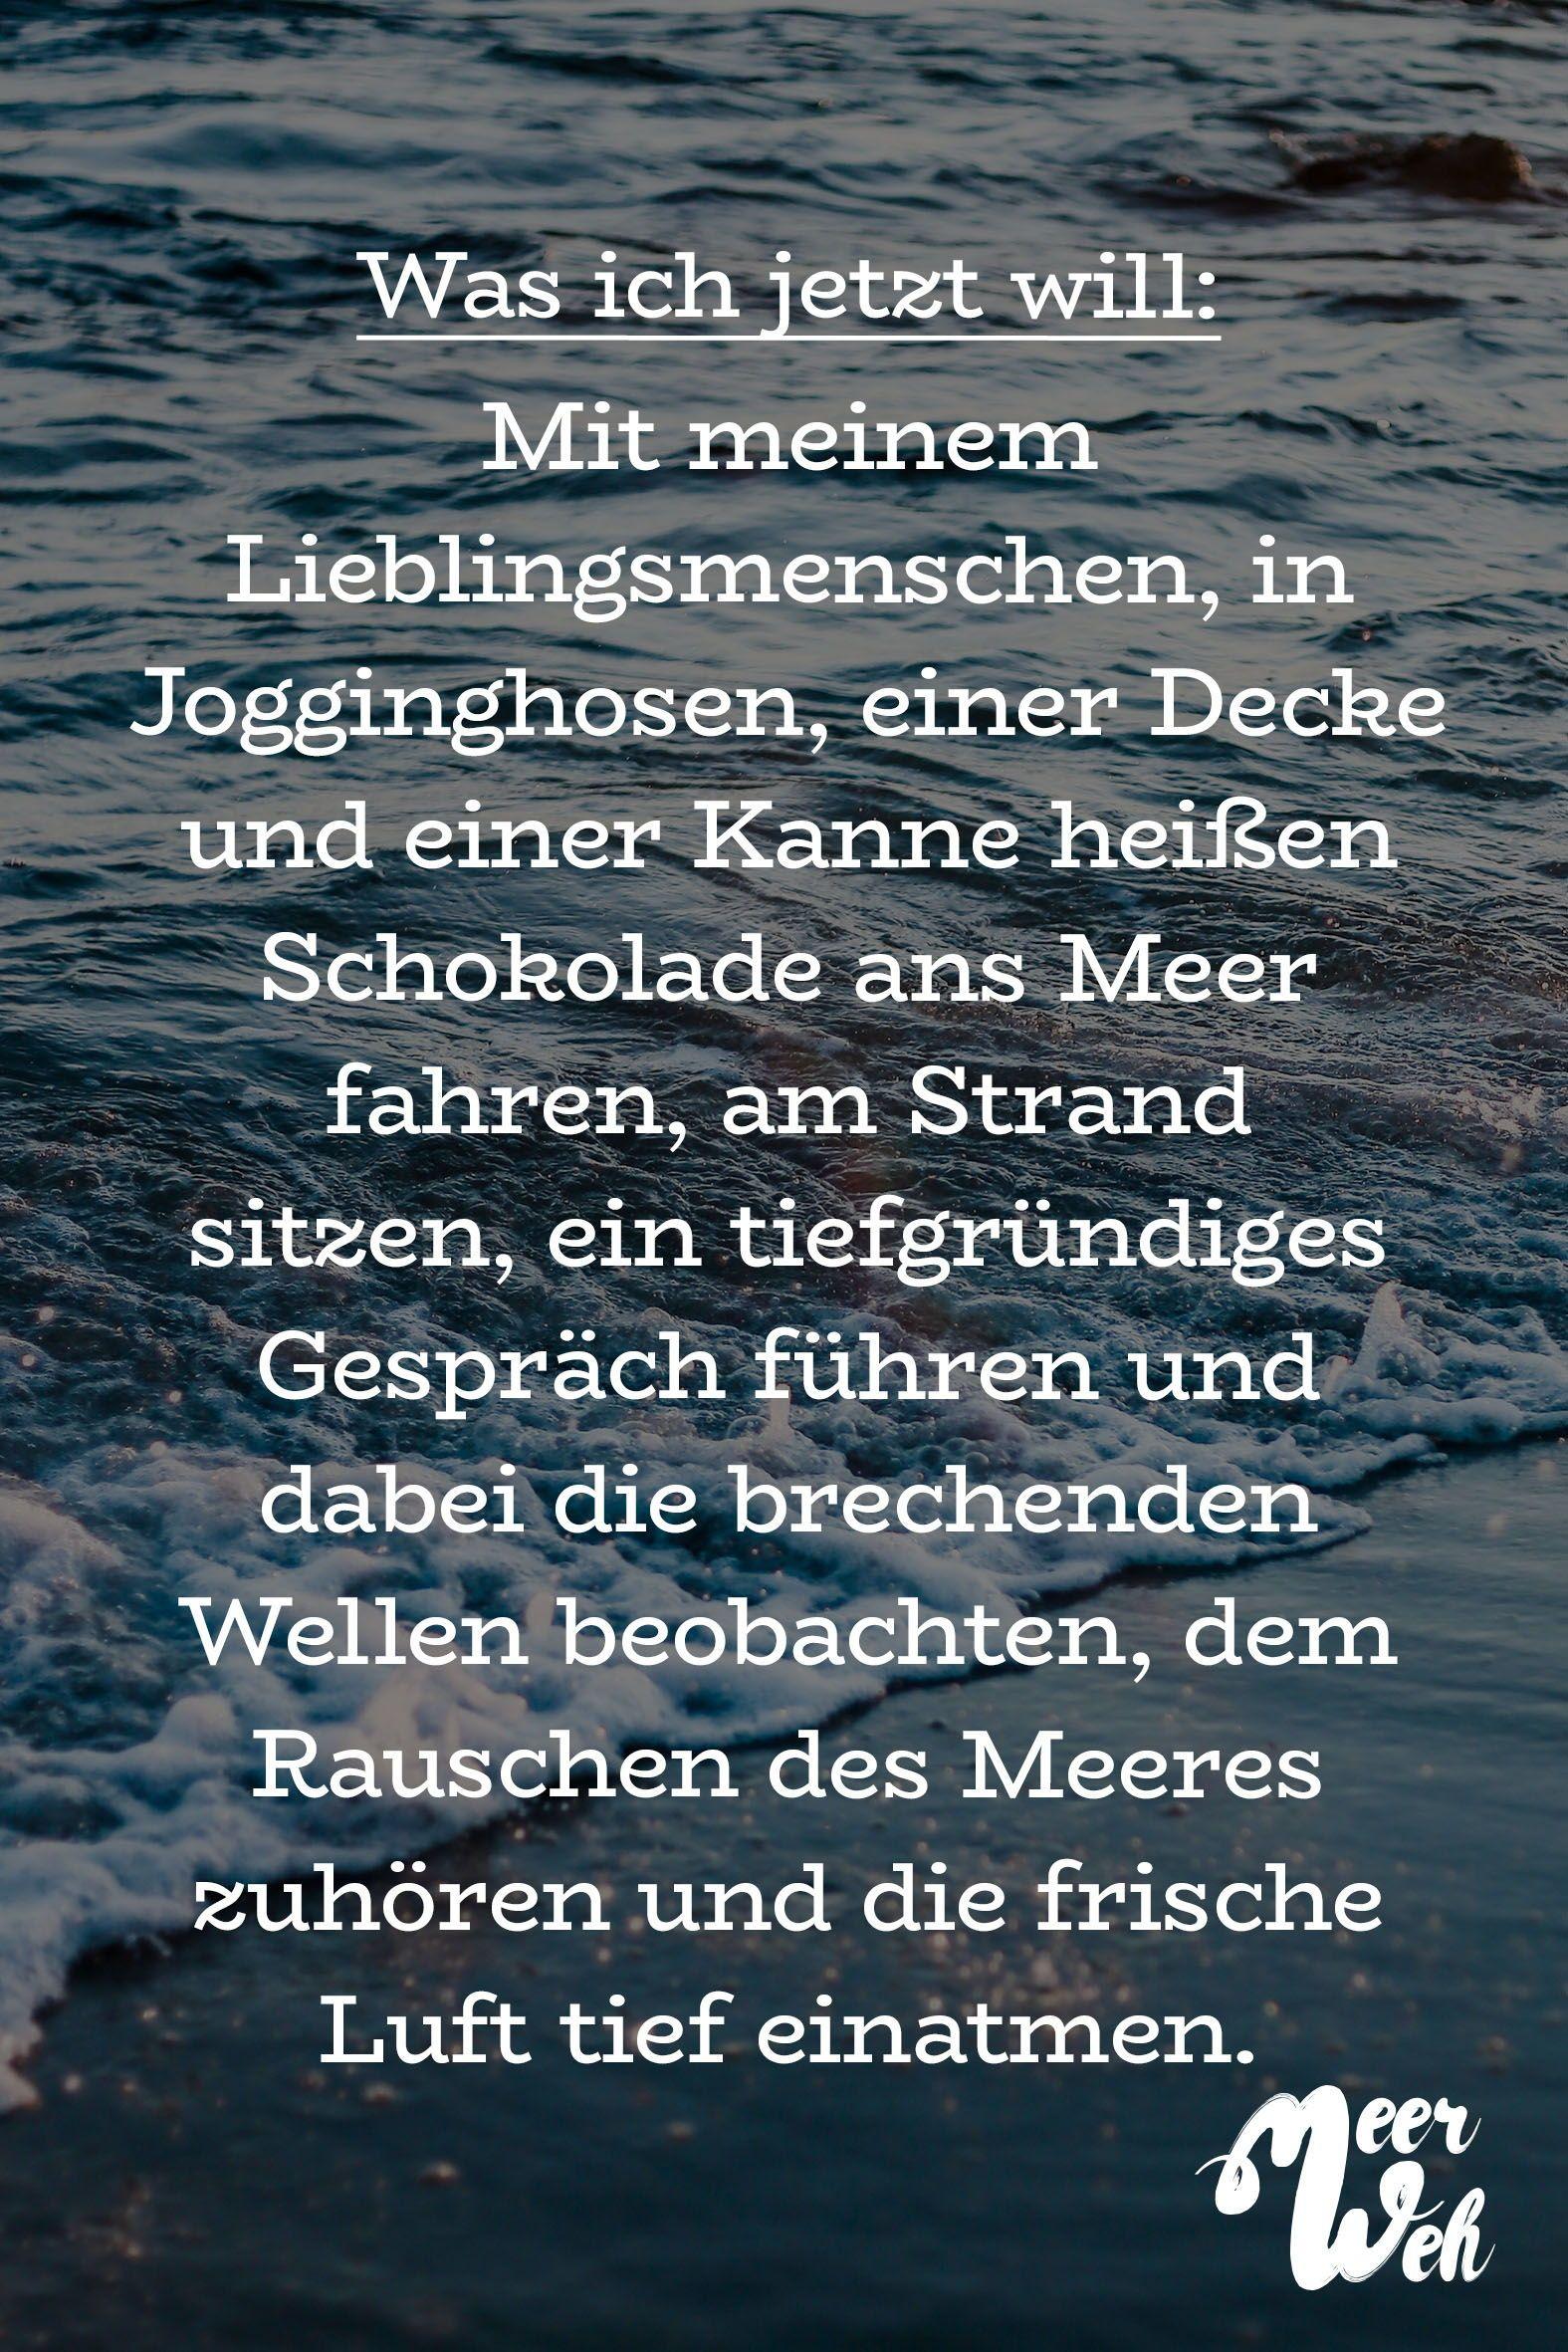 Visual Statements®️ Was ich jetzt will: Mit meinem Lieblingsmenschen, in Jogginghosen, mit einer Decke und einer Kanne heißen Schokolade ans Meer fahren, am Strand sitzen, ein tiefgründiges Gespräch führen und dabei die brechenden Wellen. Sprüche / Zitate / Quotes / Meerweh / reisen / Fernweh / Wanderlust / Abenteuer / Strand / fliegen / Roadtrip / Meer / Sand / Landschaft / Sonnenuntergang / Sonnenaufgang #VisualStatements #Sprüche #Spruch #meerweh